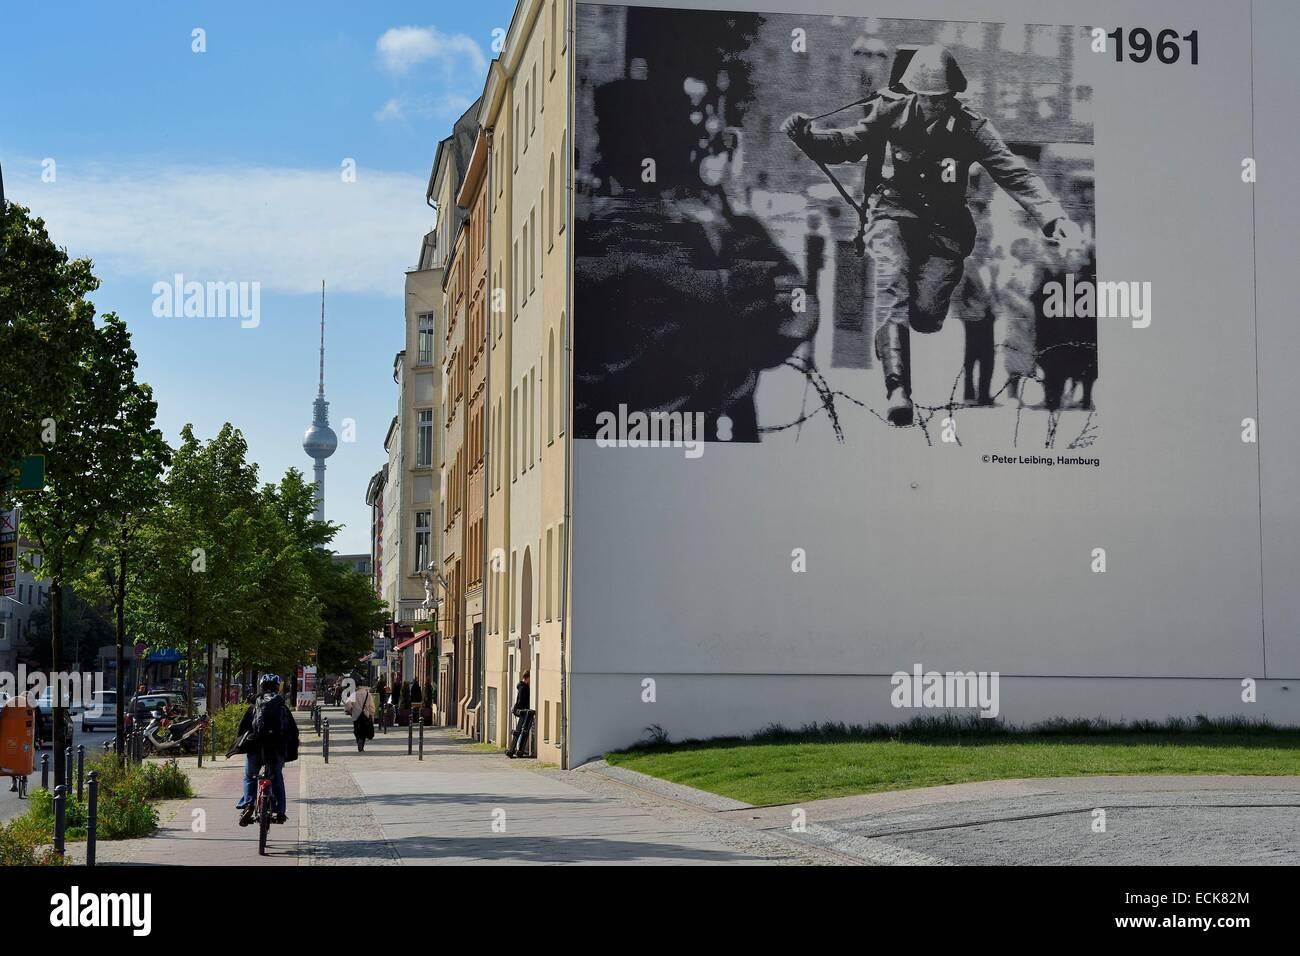 Deutschland Berlin Bernauer Strasse An Der Ecke Brunnenstrasse Gedenkstatte Berliner Mauer Gedenkststte Berliner Mauer Und Der Tv Turm Im Hintergrund Stockfotografie Alamy